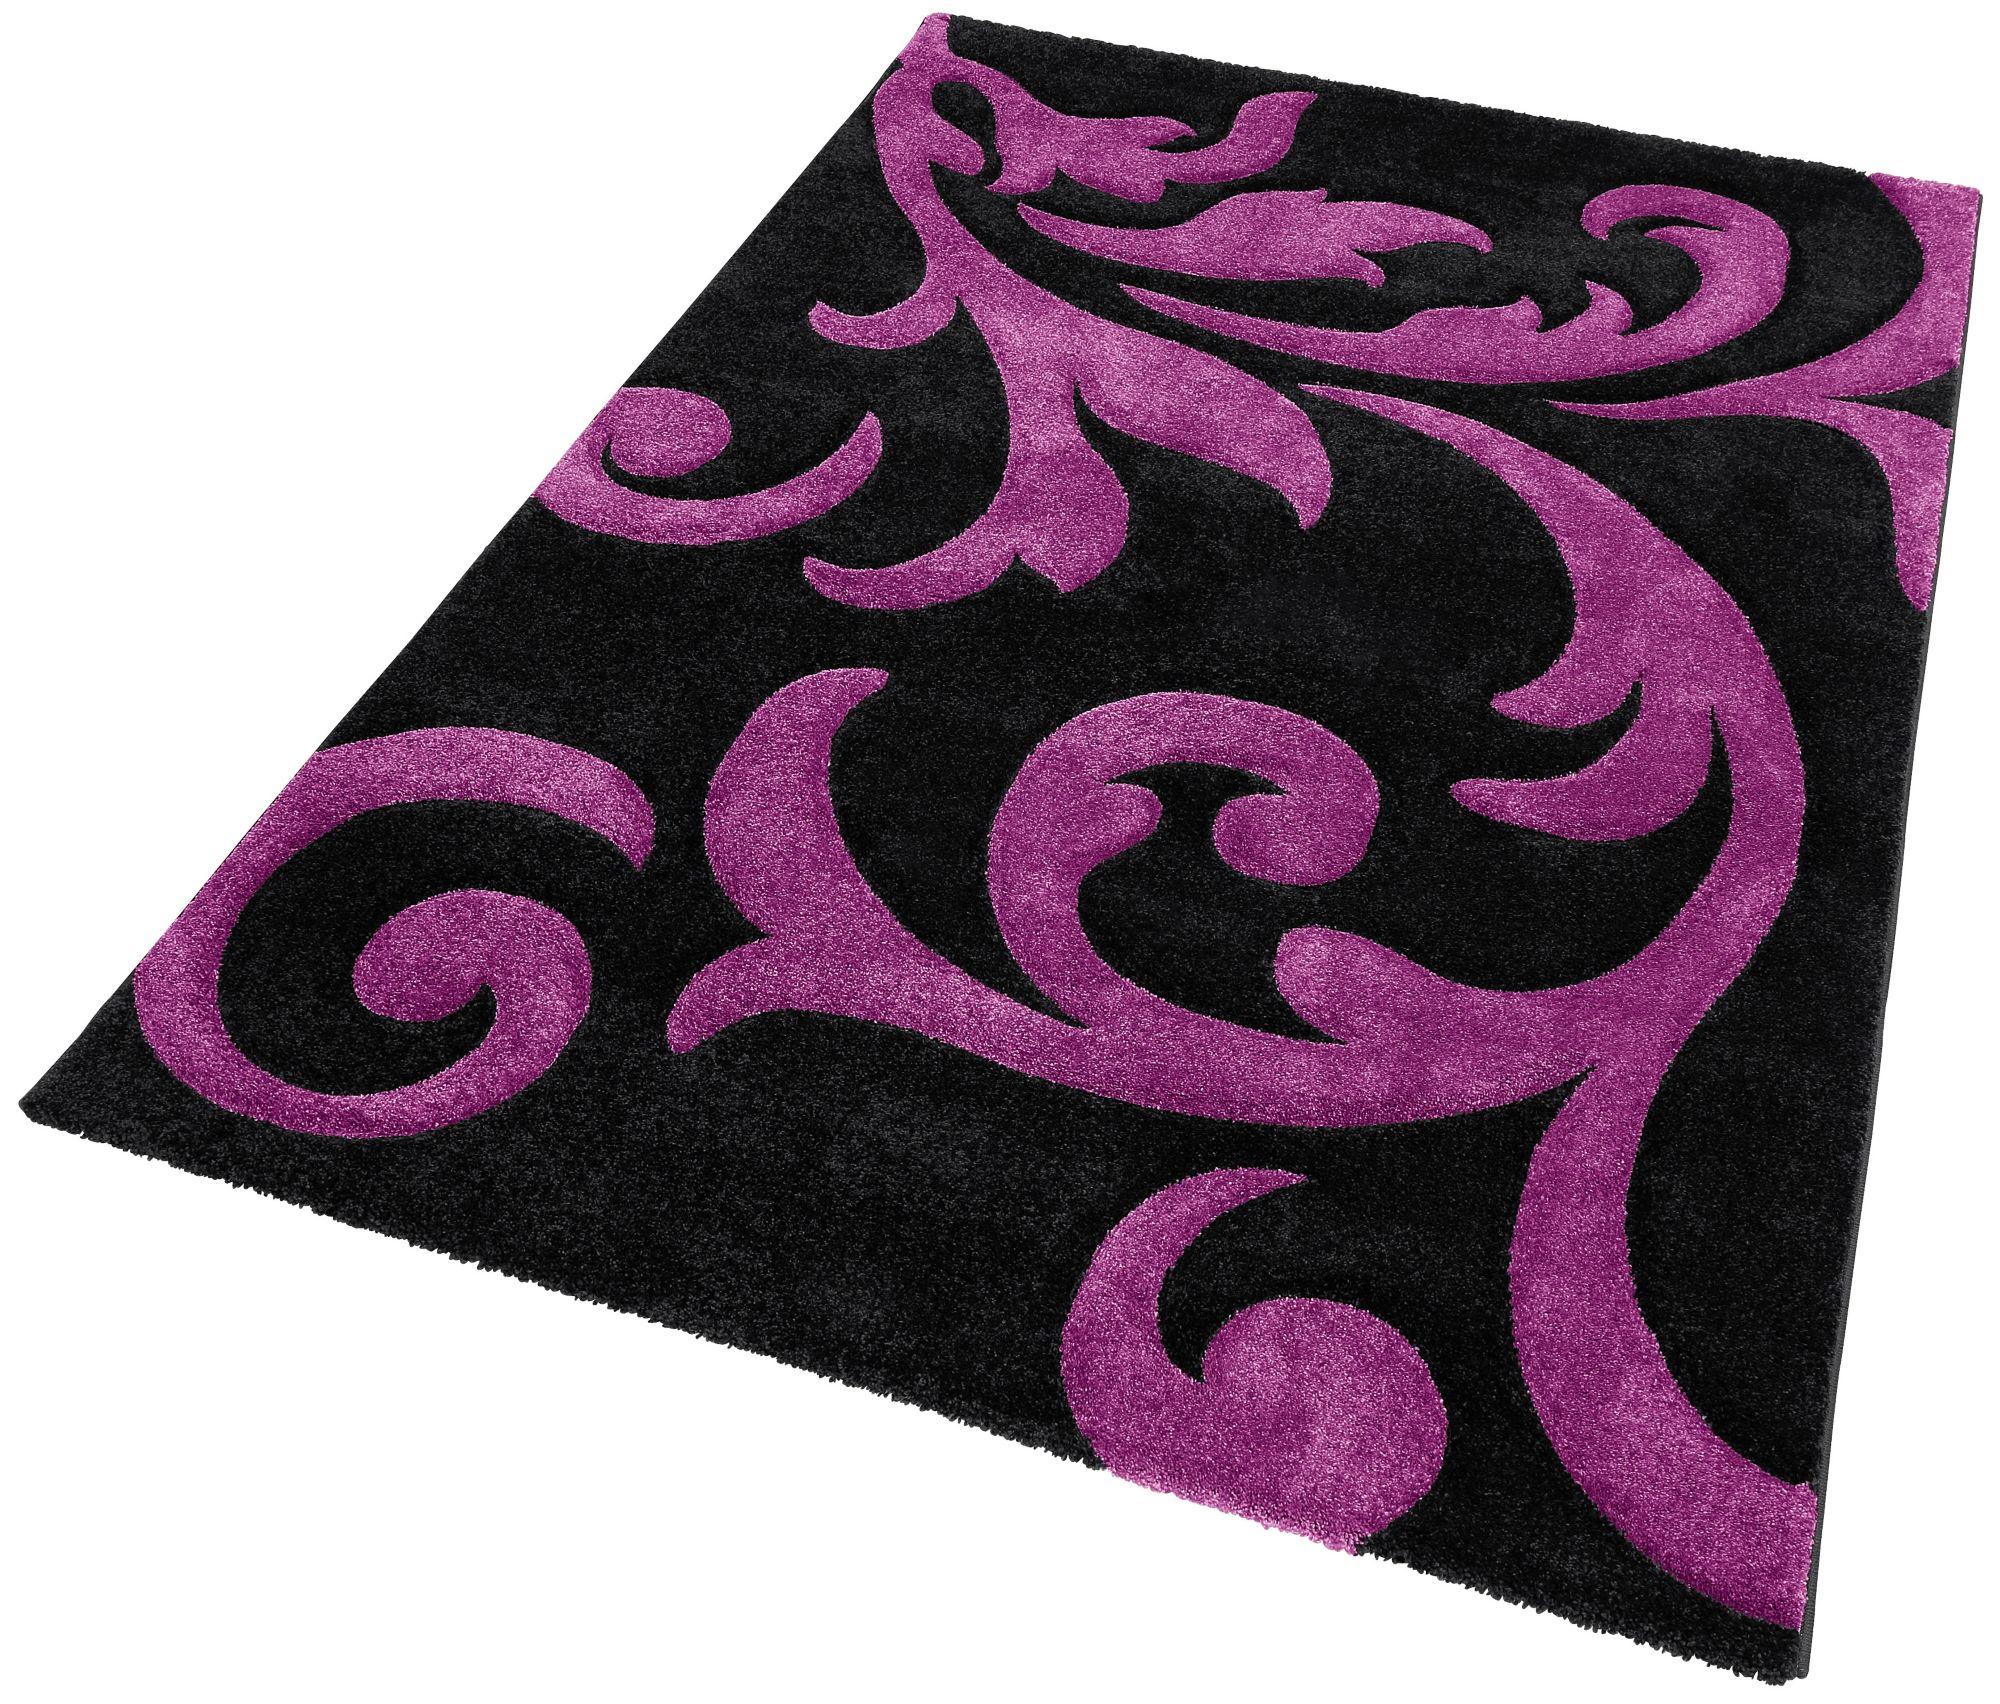 Teppich »Lambada 451«, Lalee, rechteckig, Höhe 14 mm, maschinell gewebt